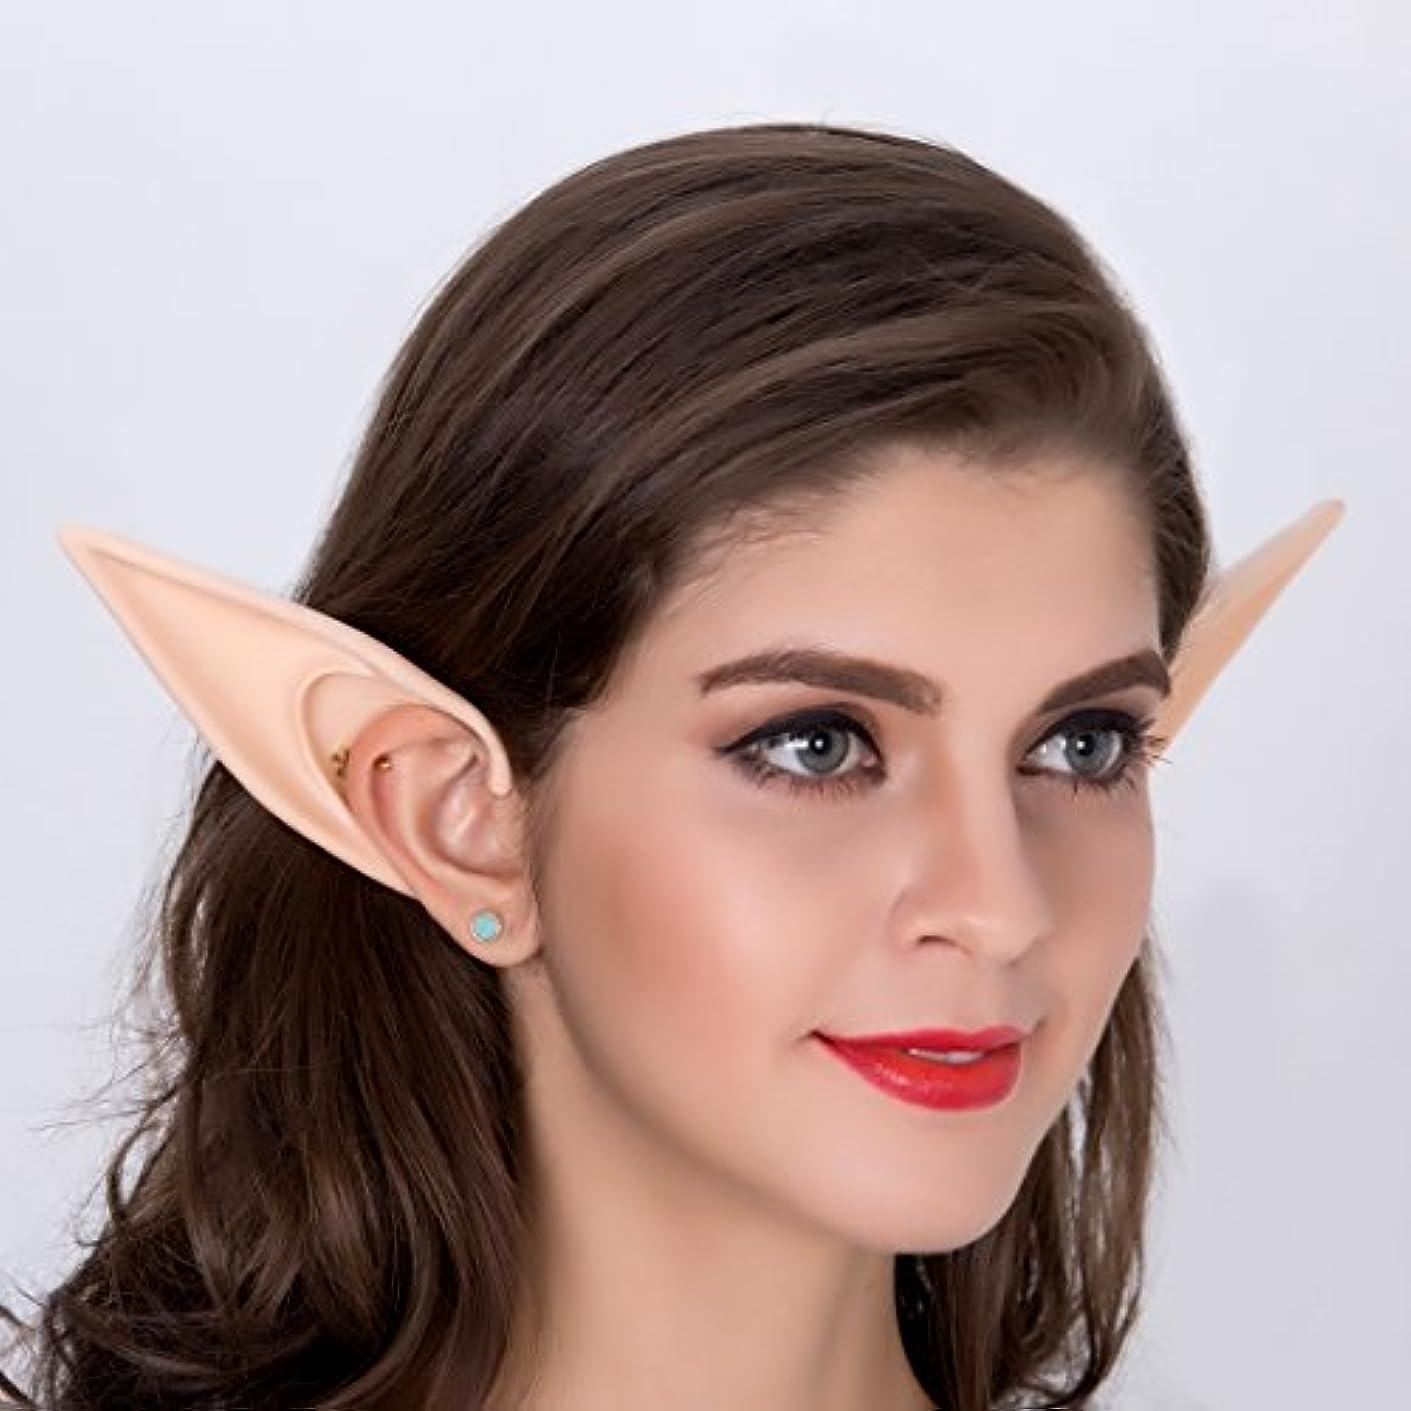 文芸忠実な占めるYanpower エルフ耳 コスプレ 天使 精霊 魔女 妖怪 仮装 つけ耳 左右2個セット (#2)